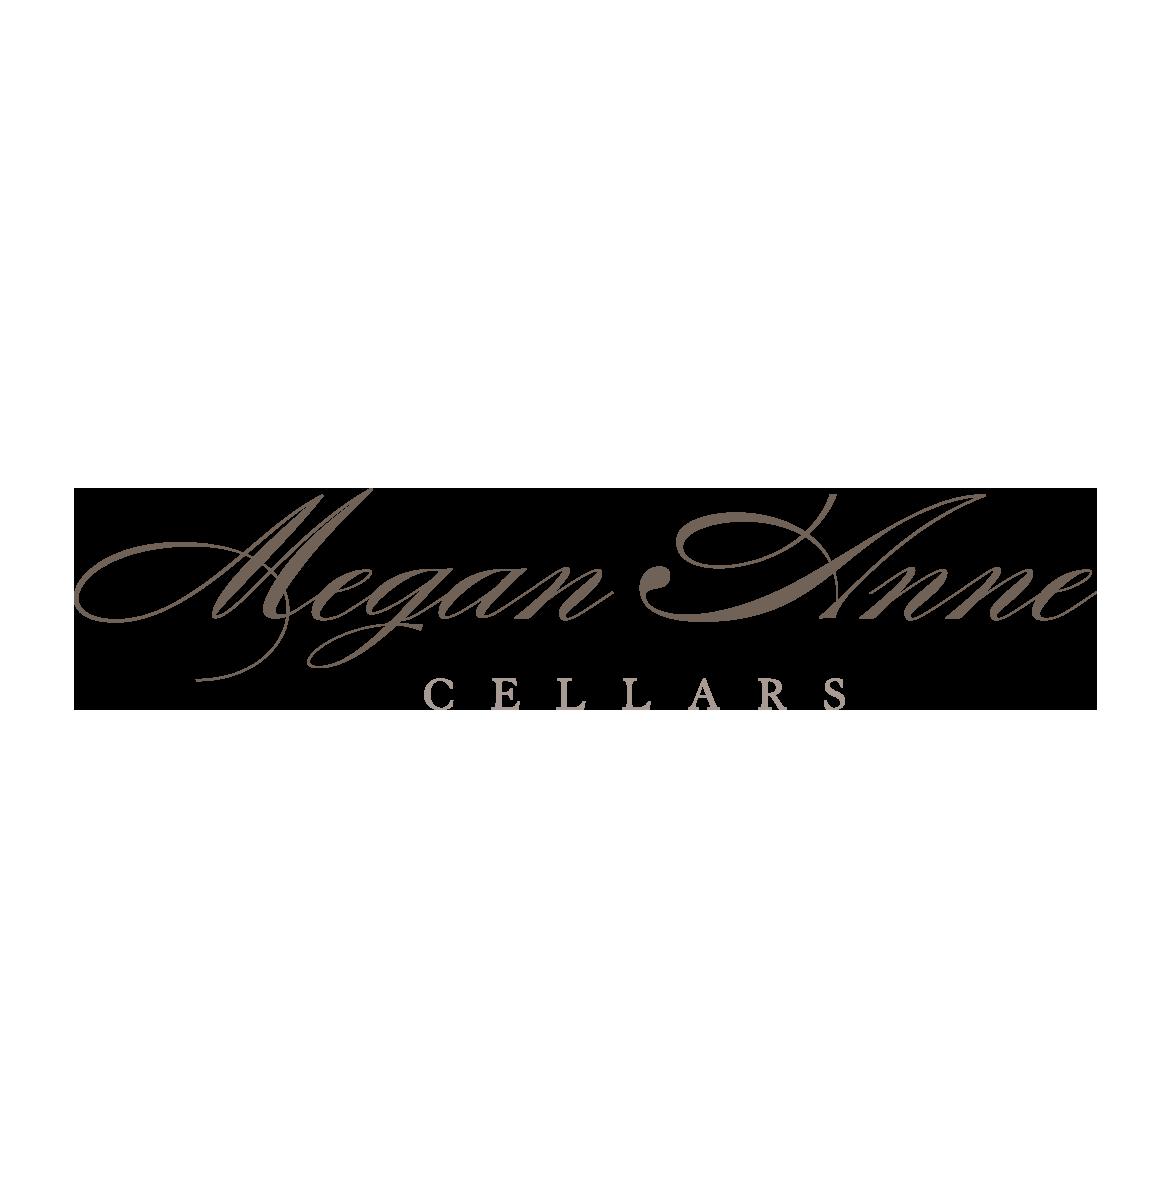 MeganAnne_LogoVariations_0008_Vector-Smart-Object.png